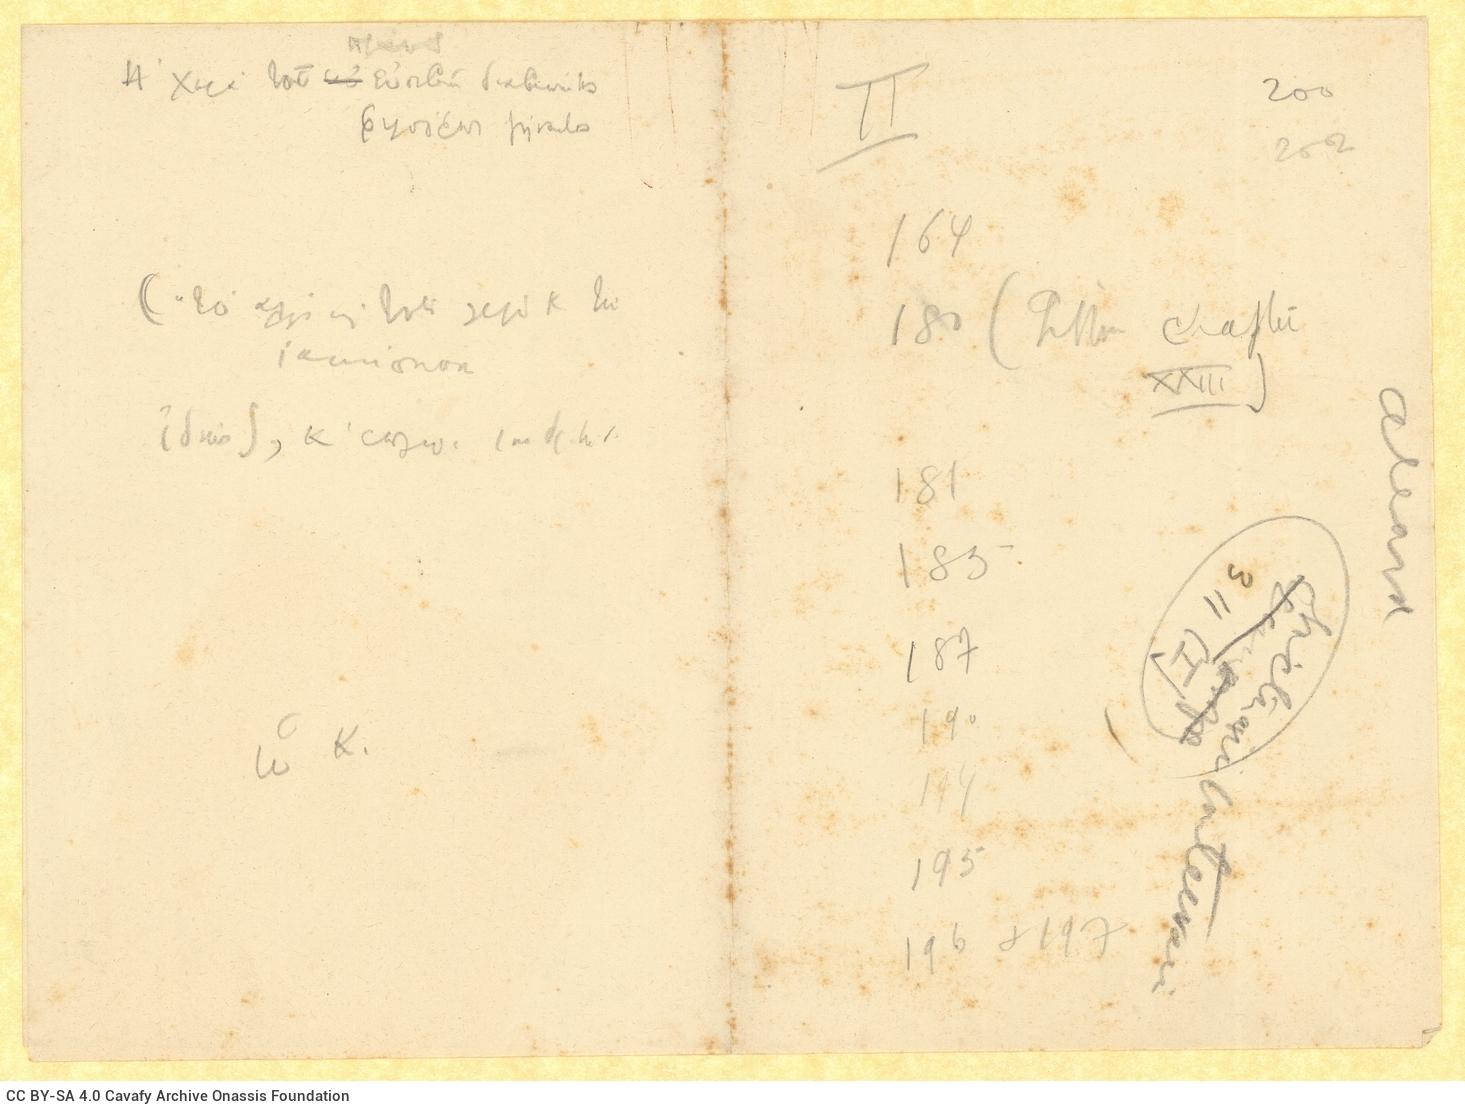 Χειρόγραφες σημειώσεις με βραχυγραφίες στη μία όψη φύλλου και στη